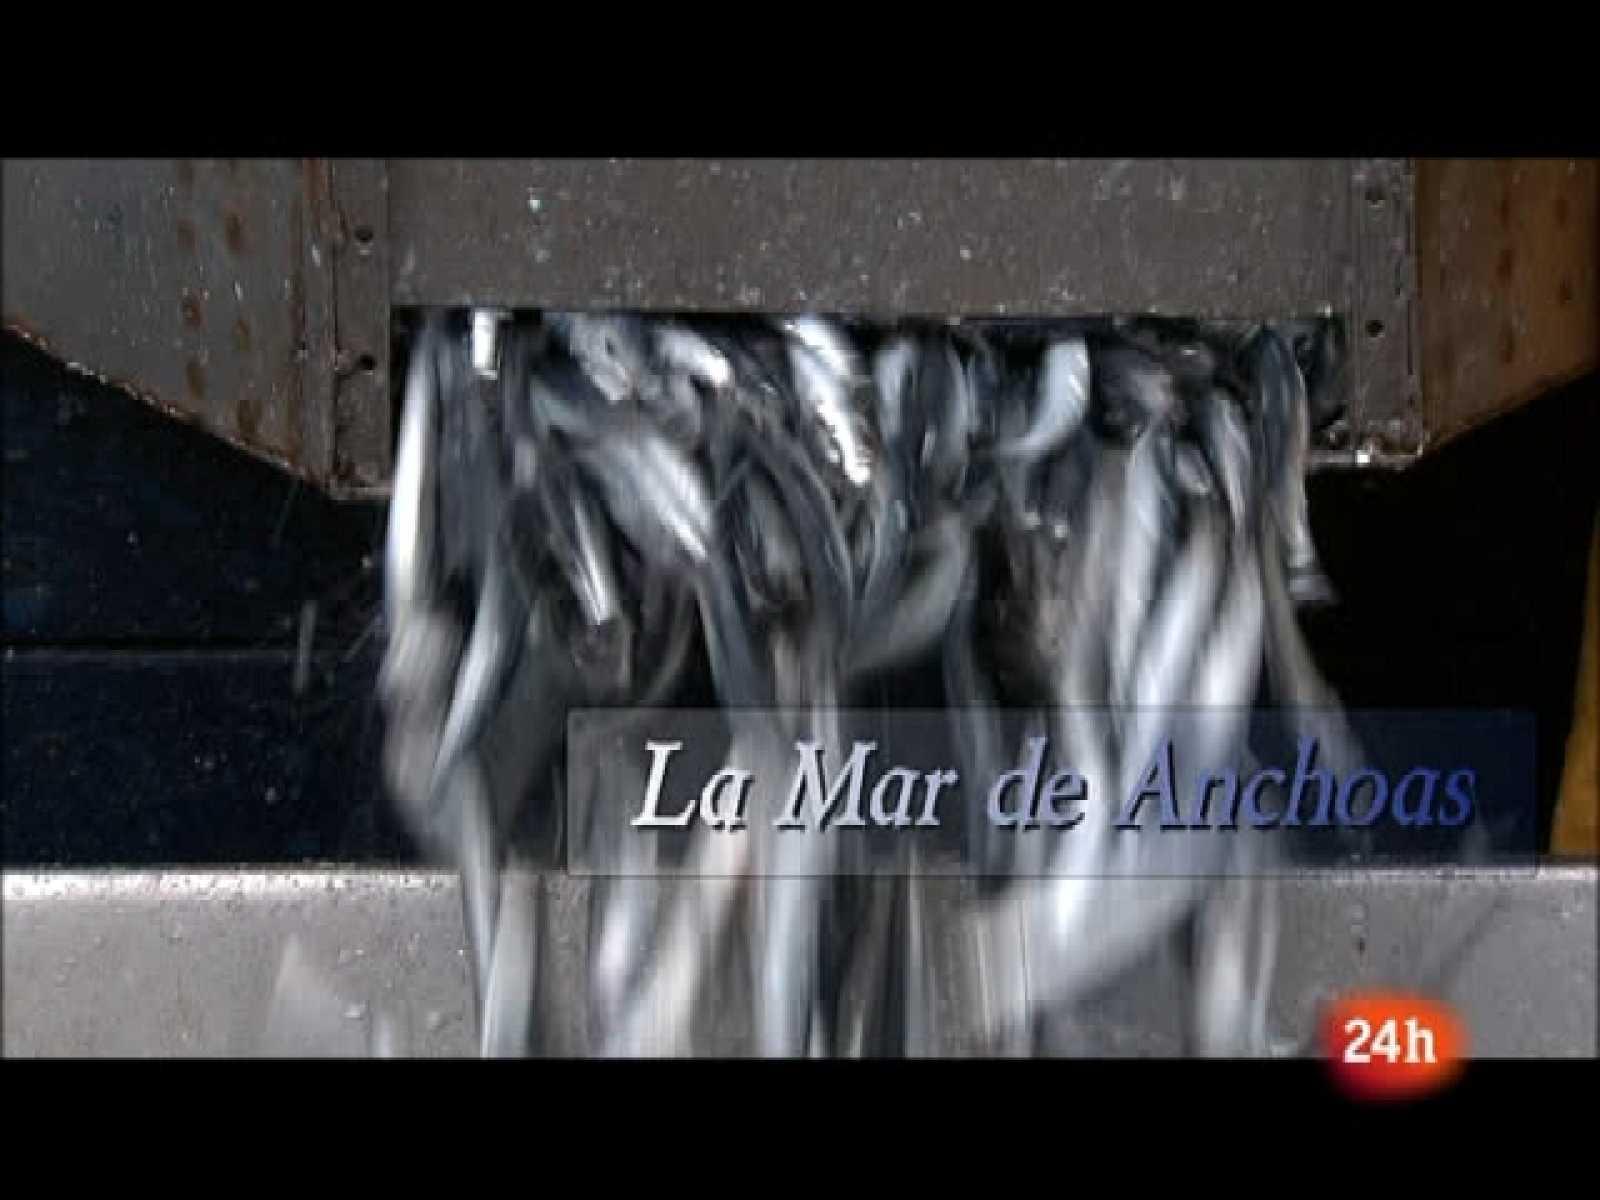 Crónicas: La mar de anchoas (10/10/10)